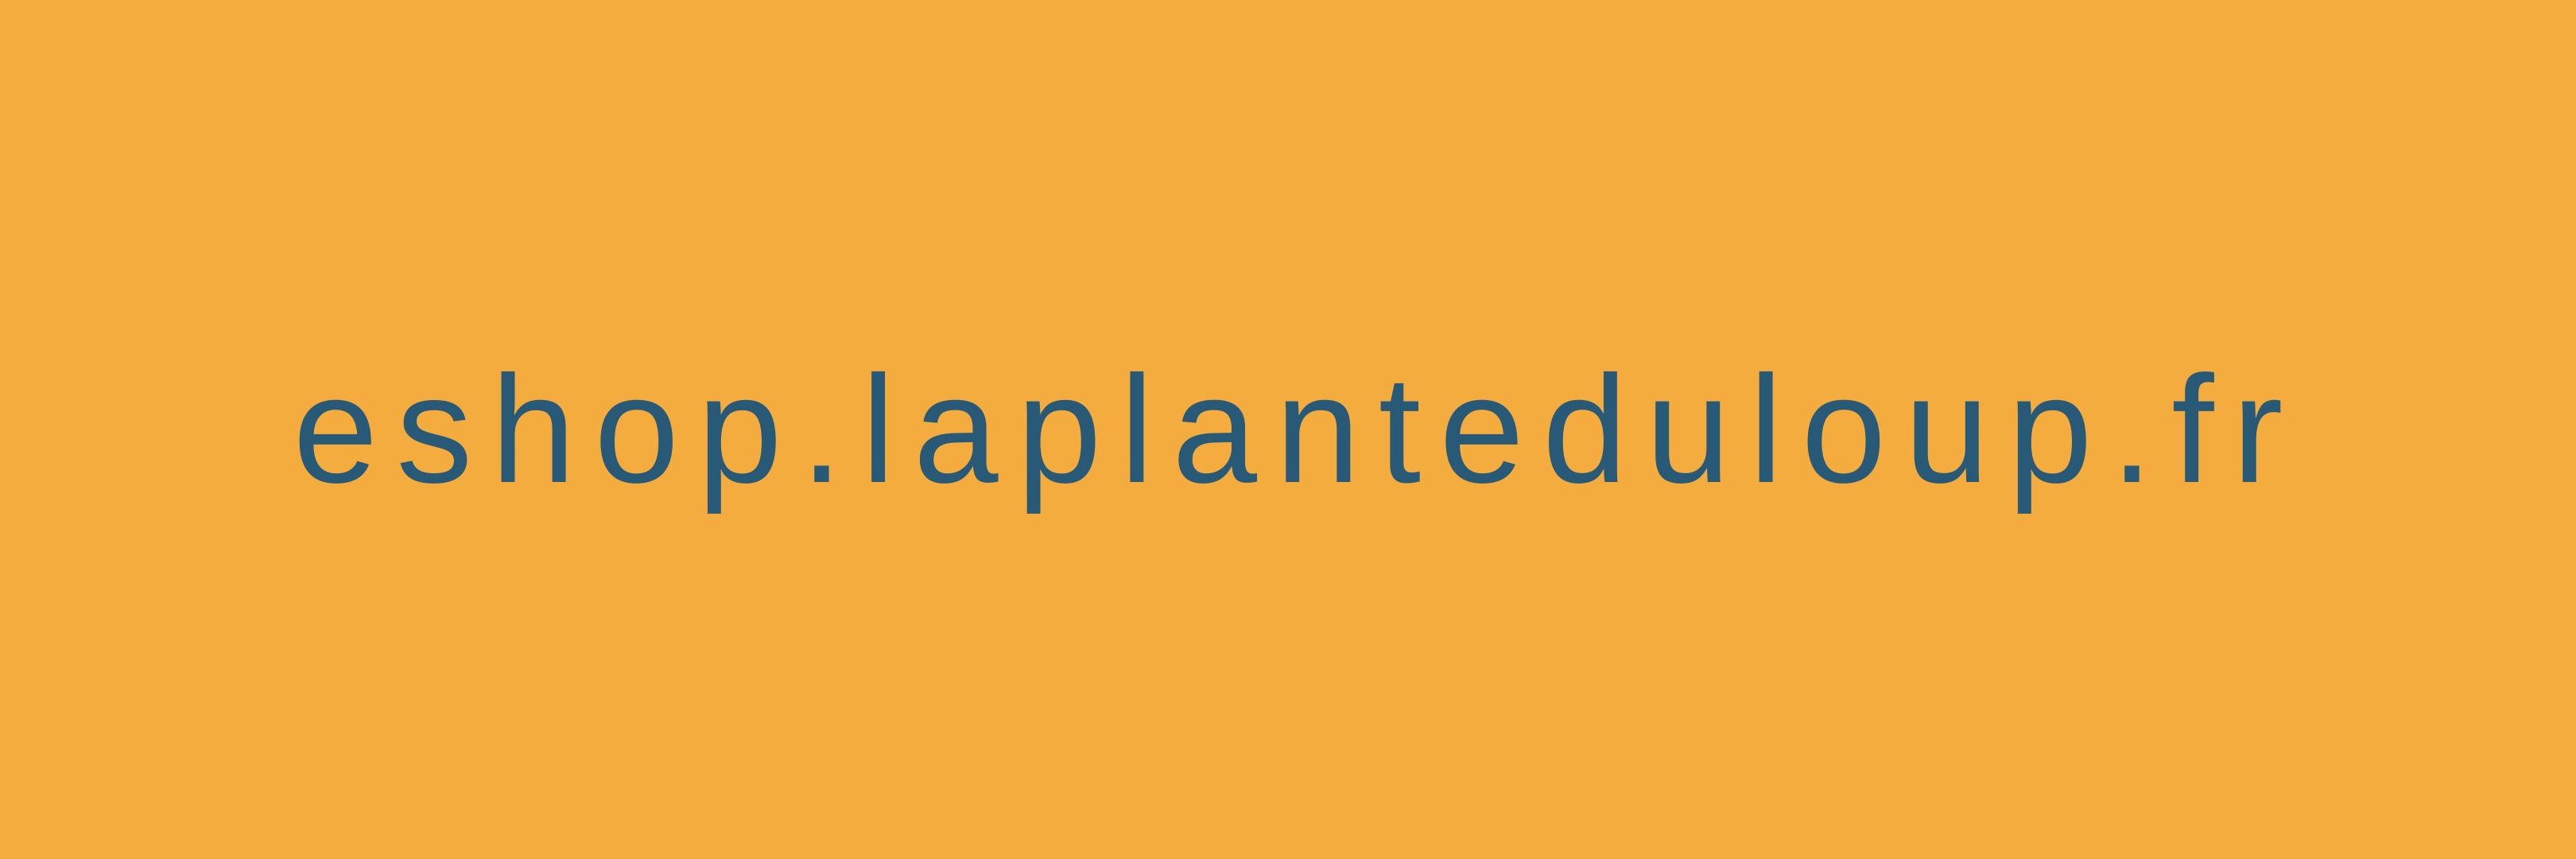 https://laplanteduloup.fr/wp-content/uploads/2020/07/eshop.png